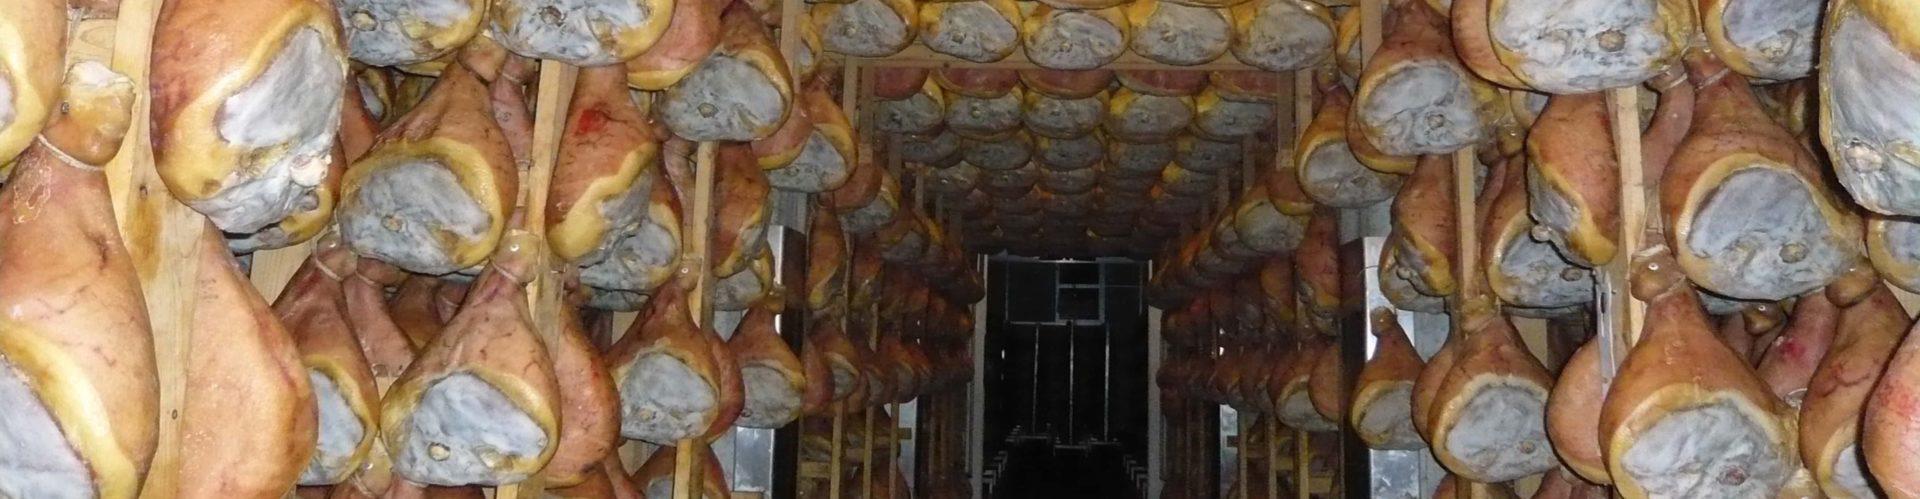 Parma's ham